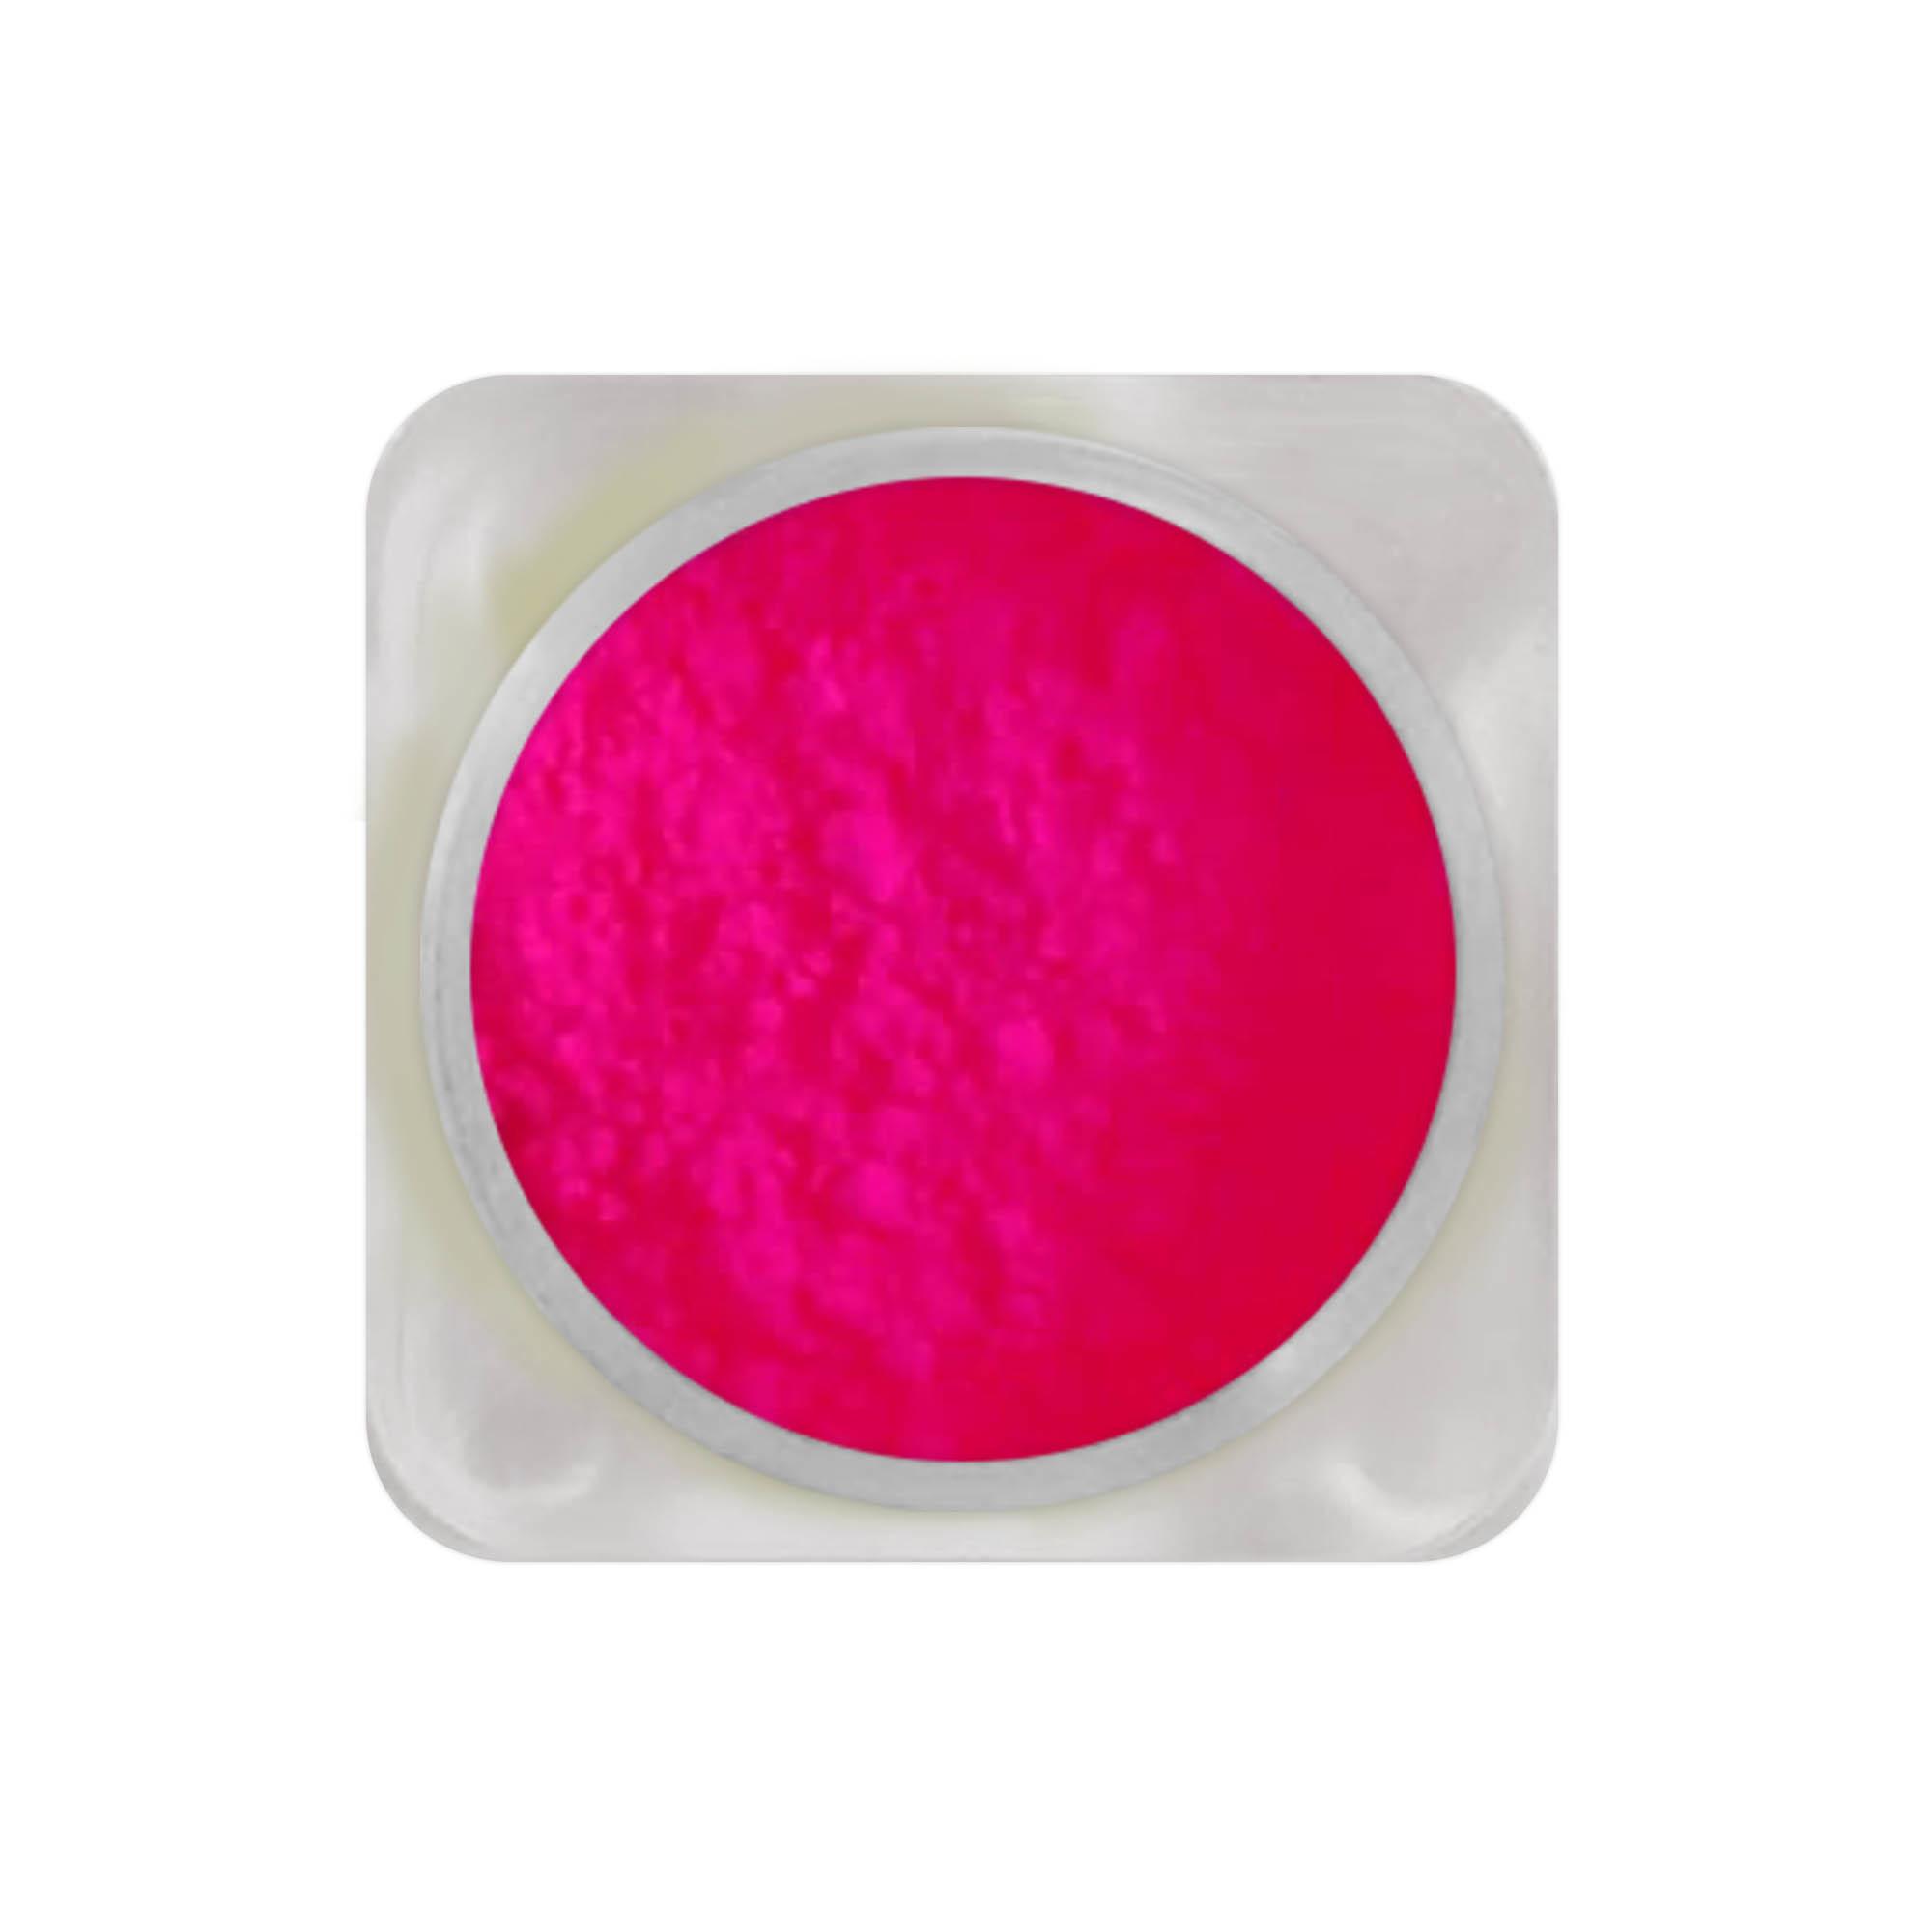 Формула Профи, Пигмент для дизайна Акварельная пыль №02, цв. wild rose, 1.5 гр.-цвет